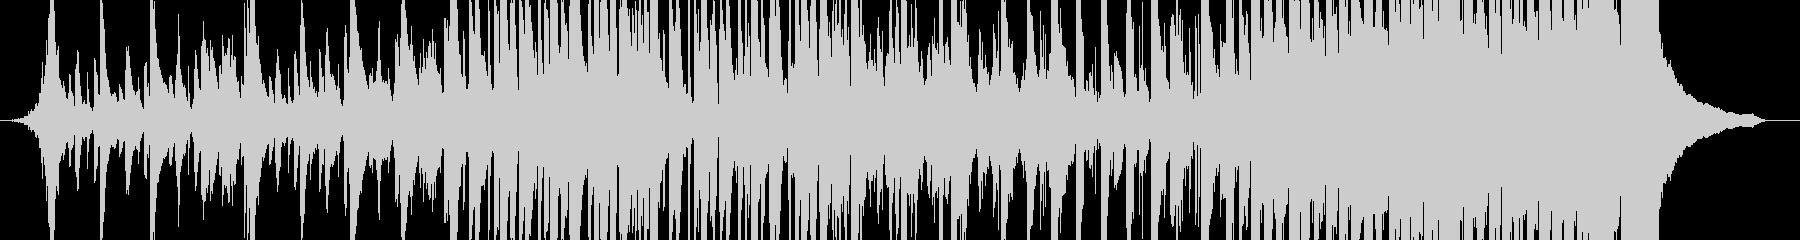 緊張感のある和風EDMの未再生の波形